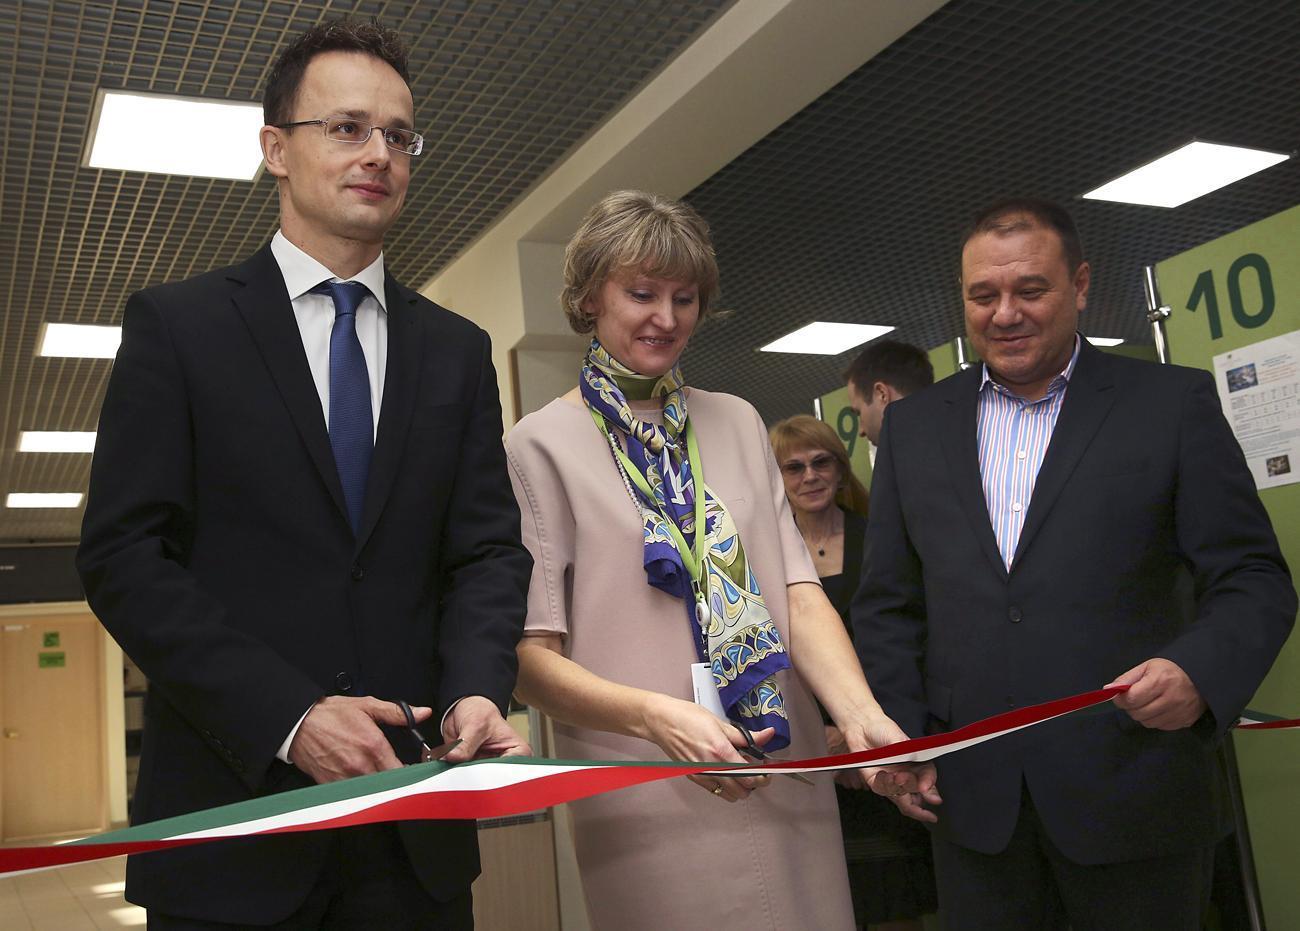 Mindent ki kell adnia a quaestoros kapcsolatról a Magyar Nemzeti Kereskedőháznak